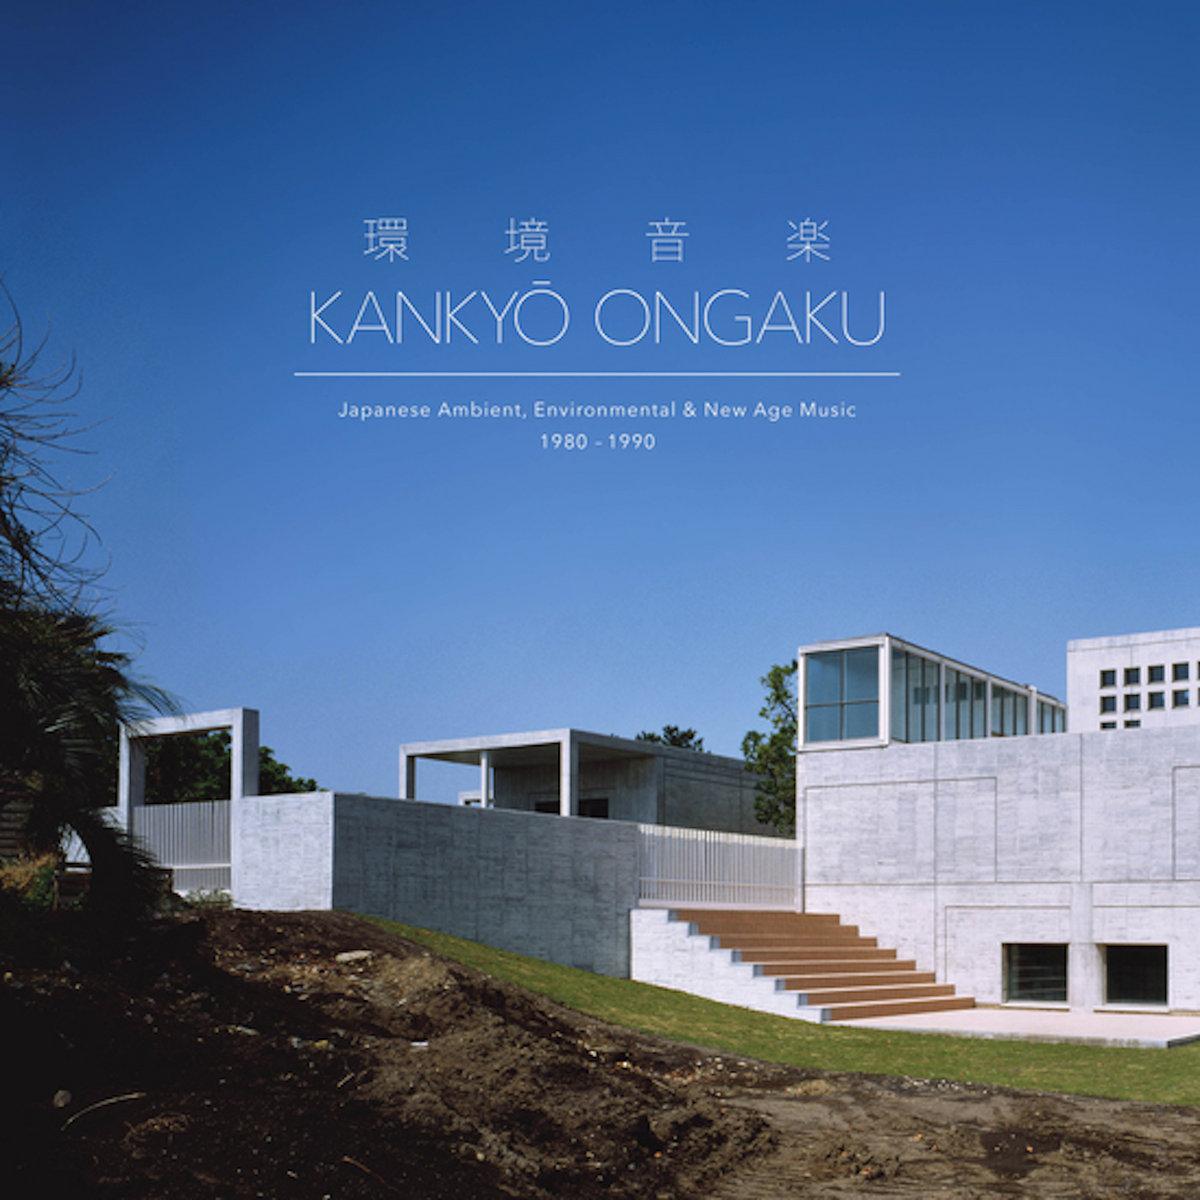 Kankyō Ongaku